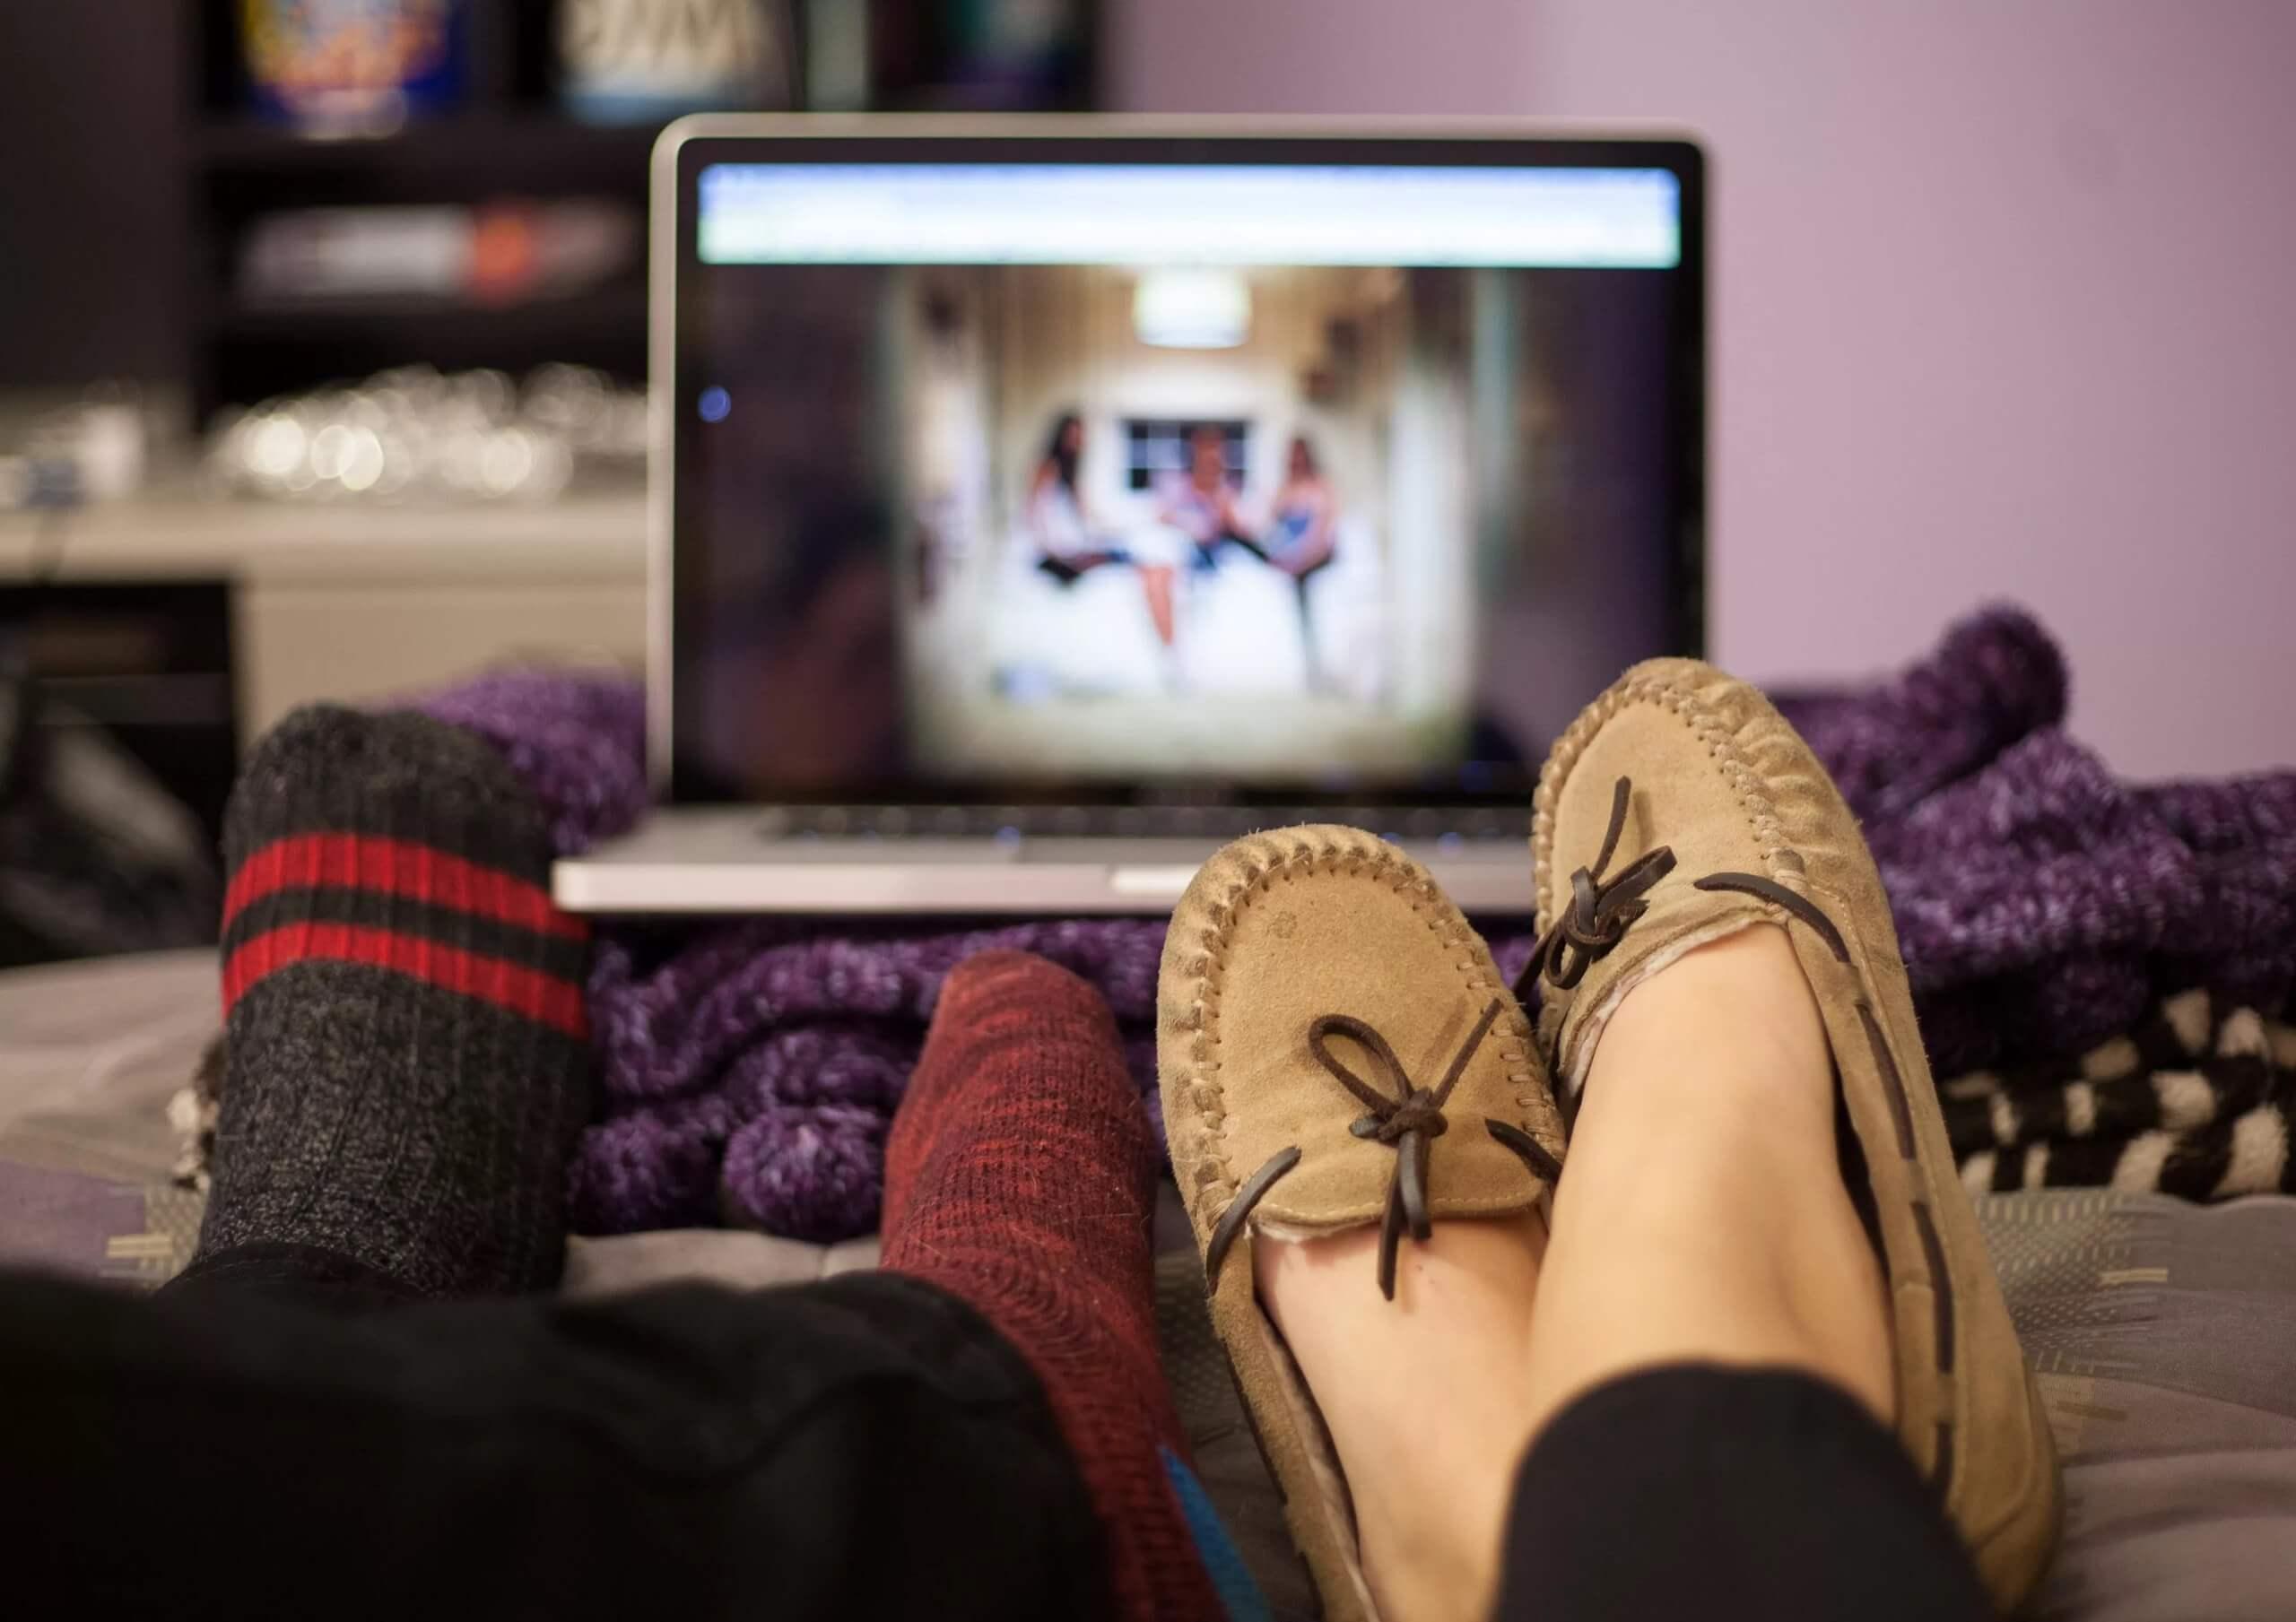 Пара смотрит фильм за ноутбуком